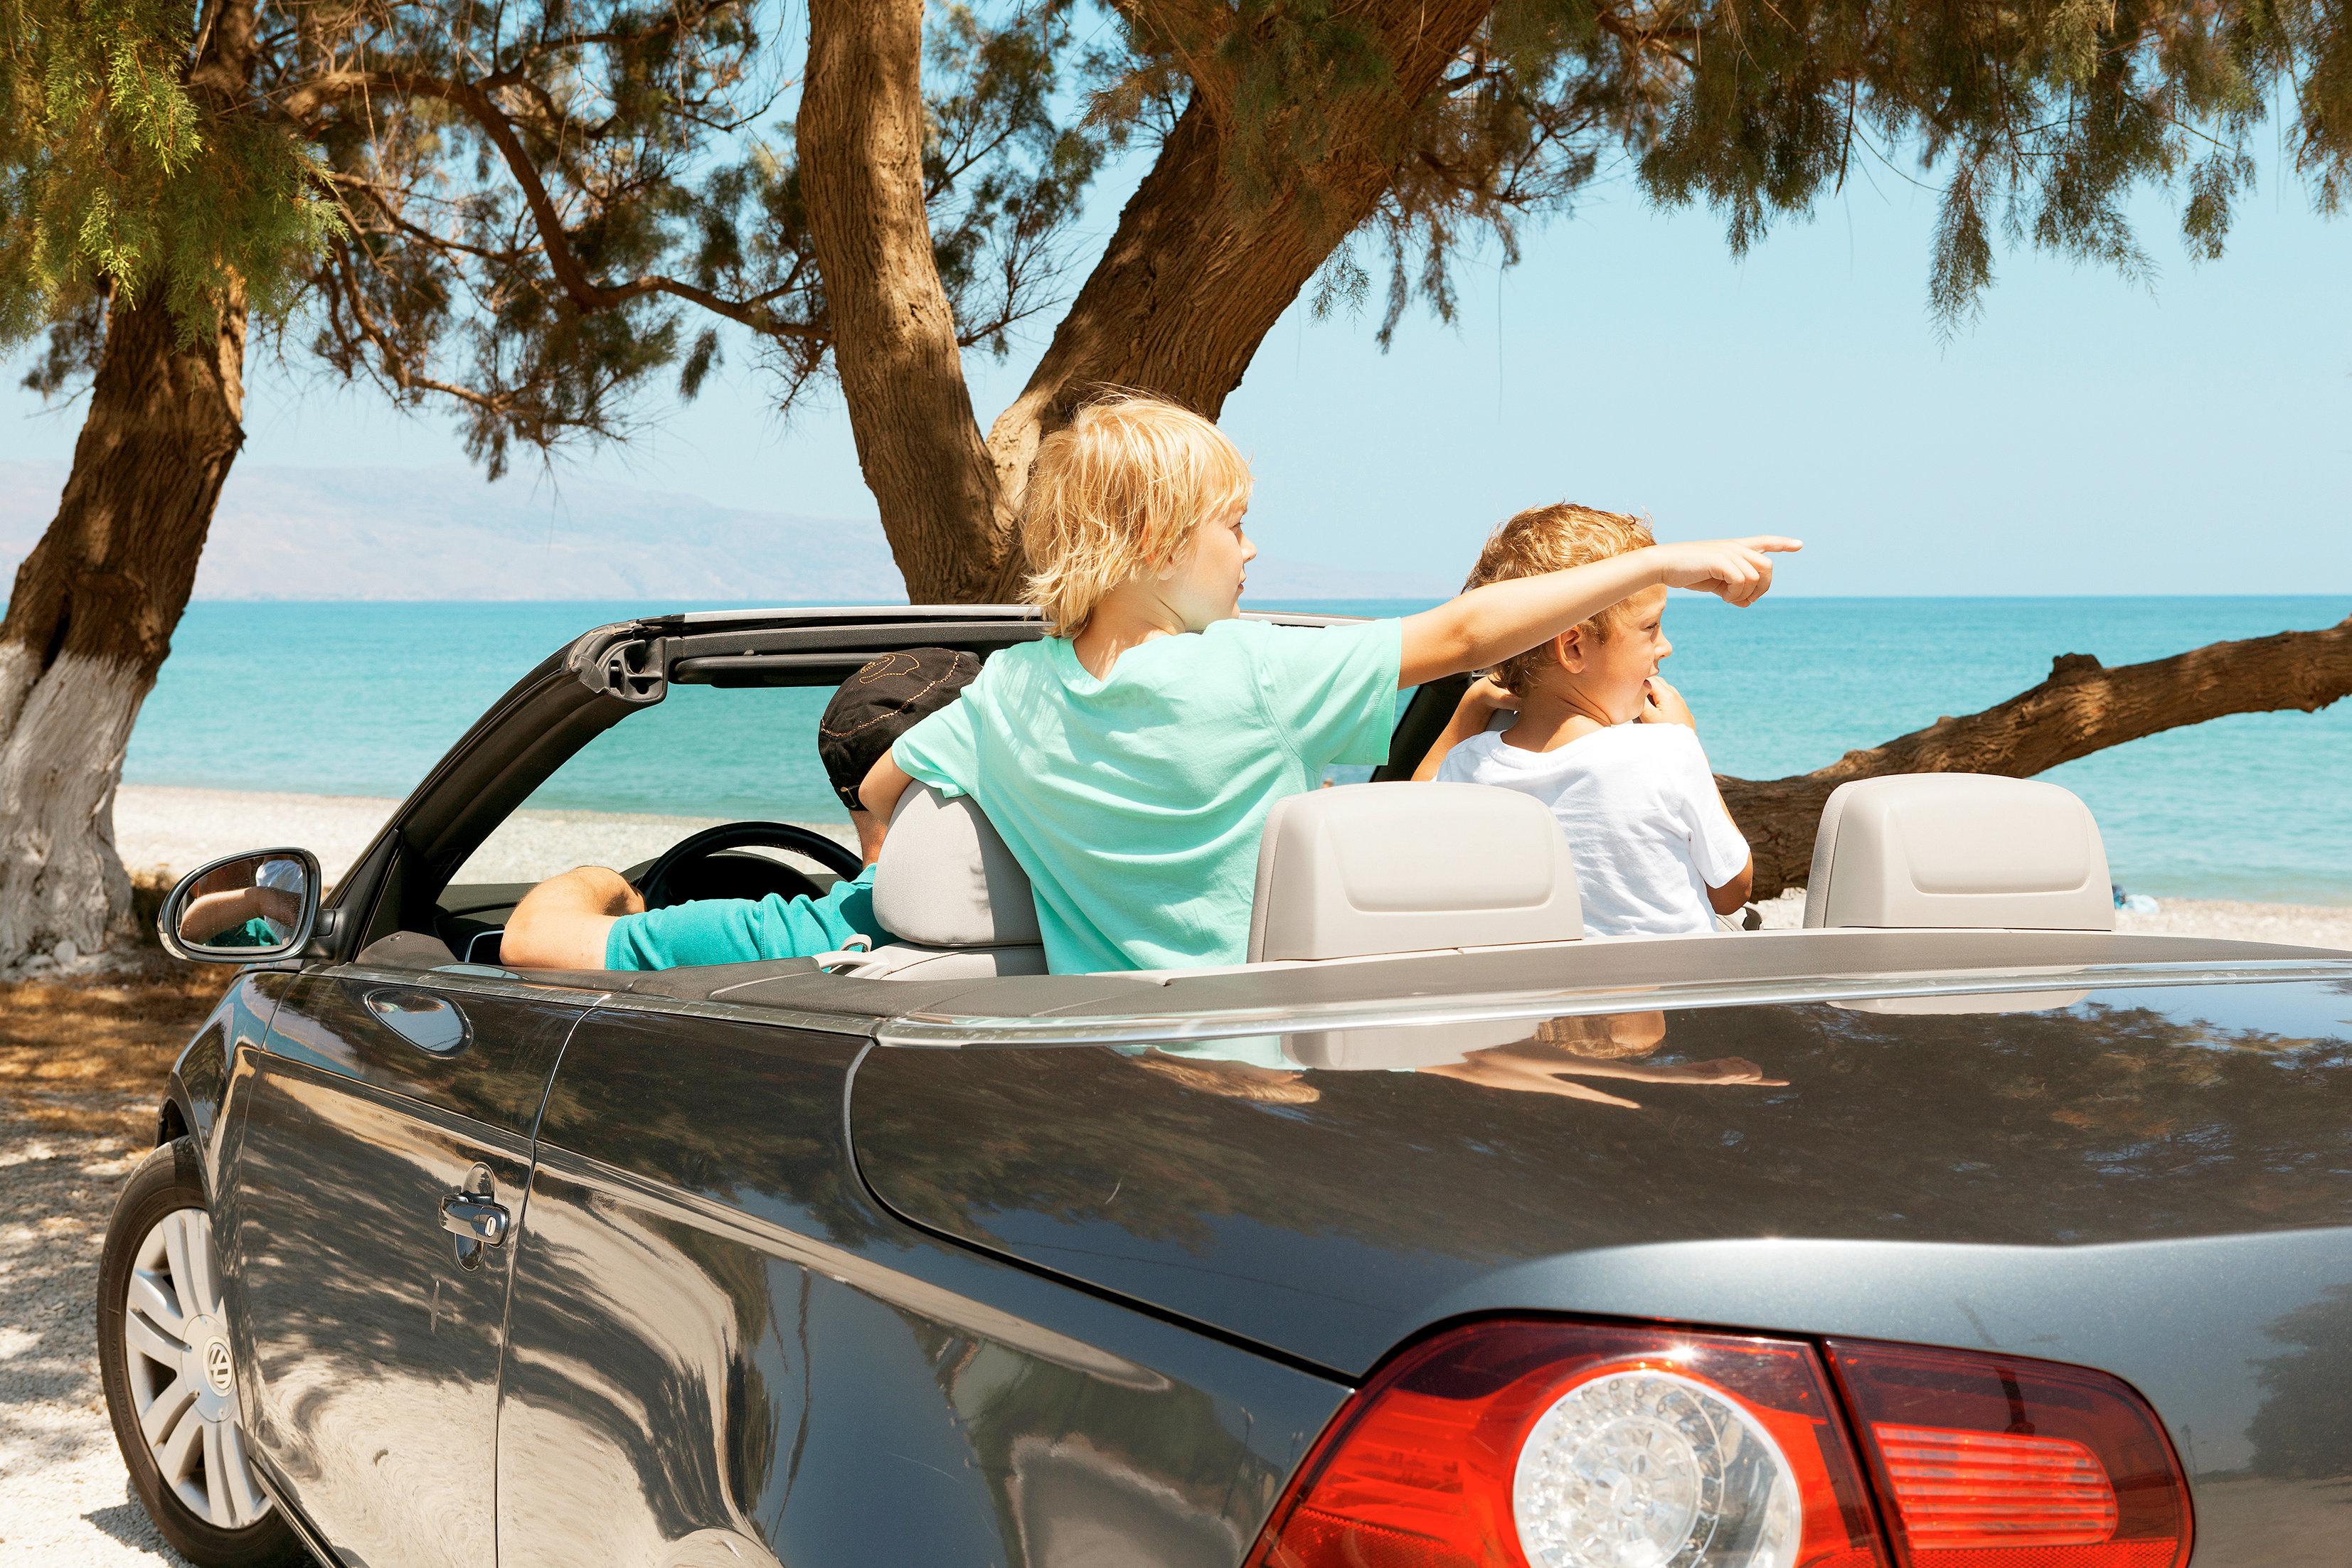 FDM Travel er klar med nyt ferieprodukt til bilisterne.